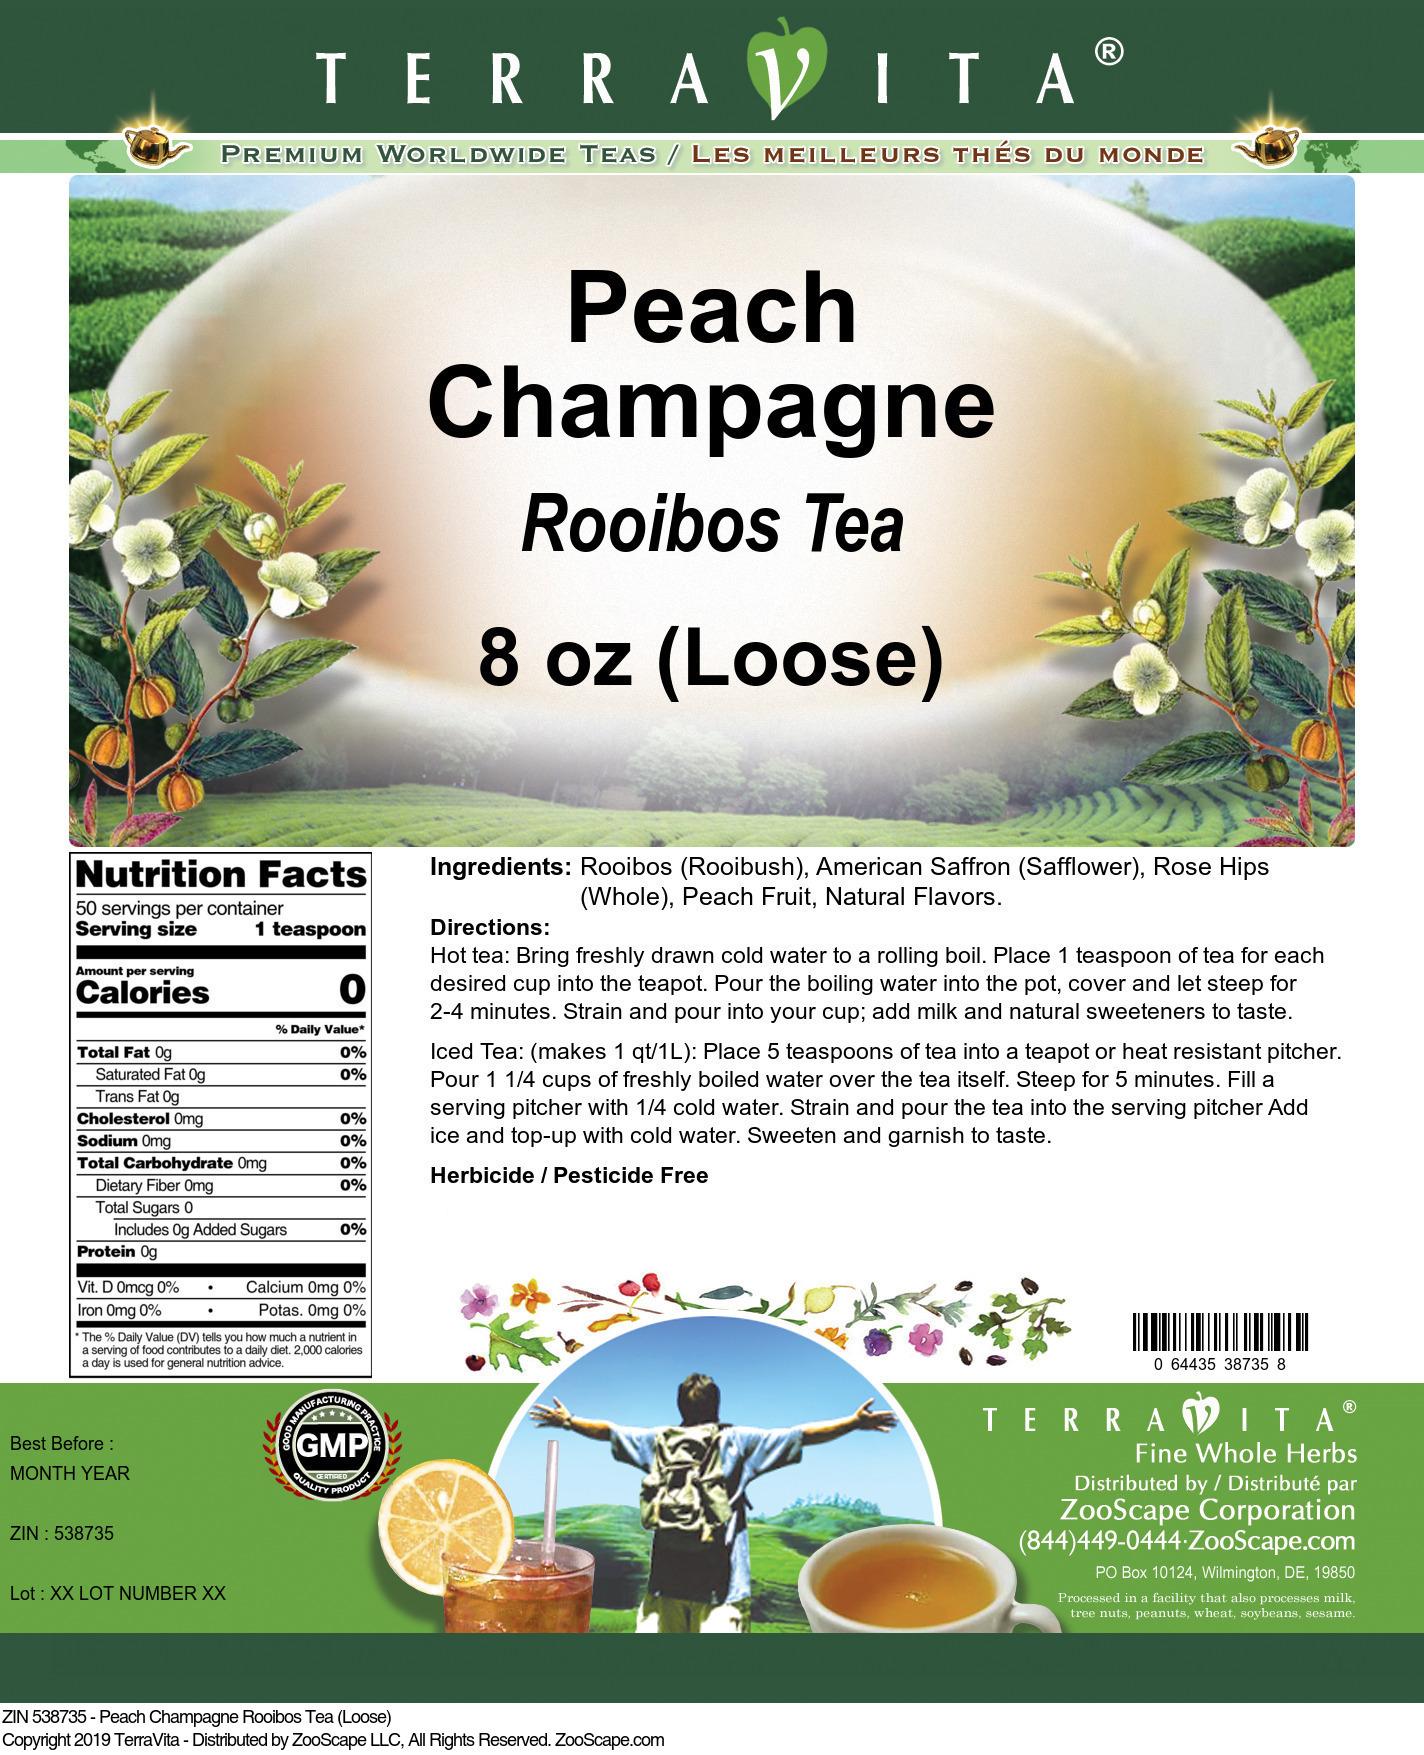 Peach Champagne Rooibos Tea (Loose)